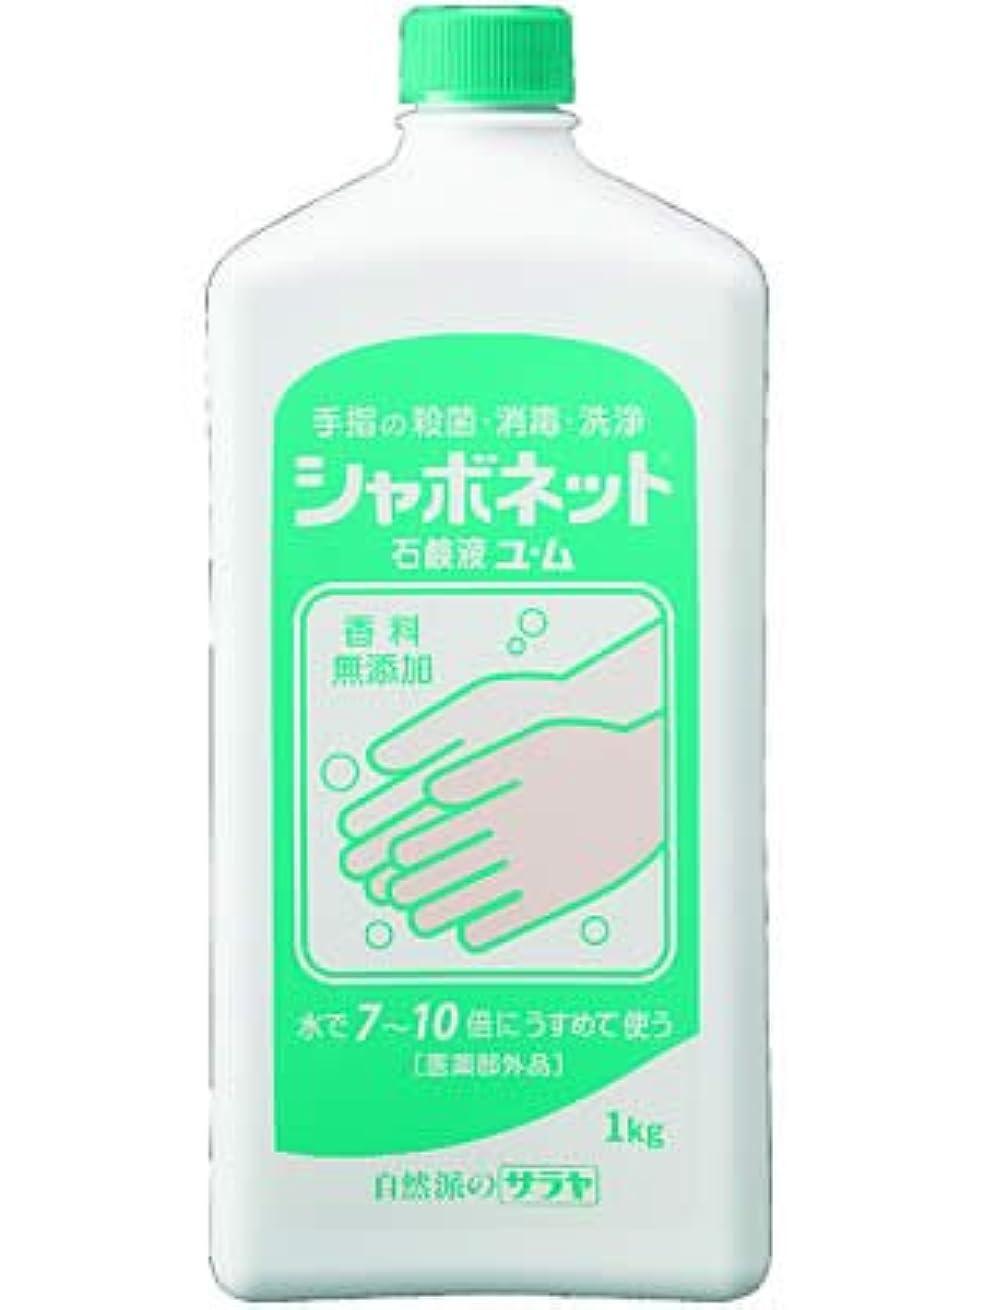 比率経験ランチョンシャボネット 石鹸液 ユ?ム 1kg ×8個セット